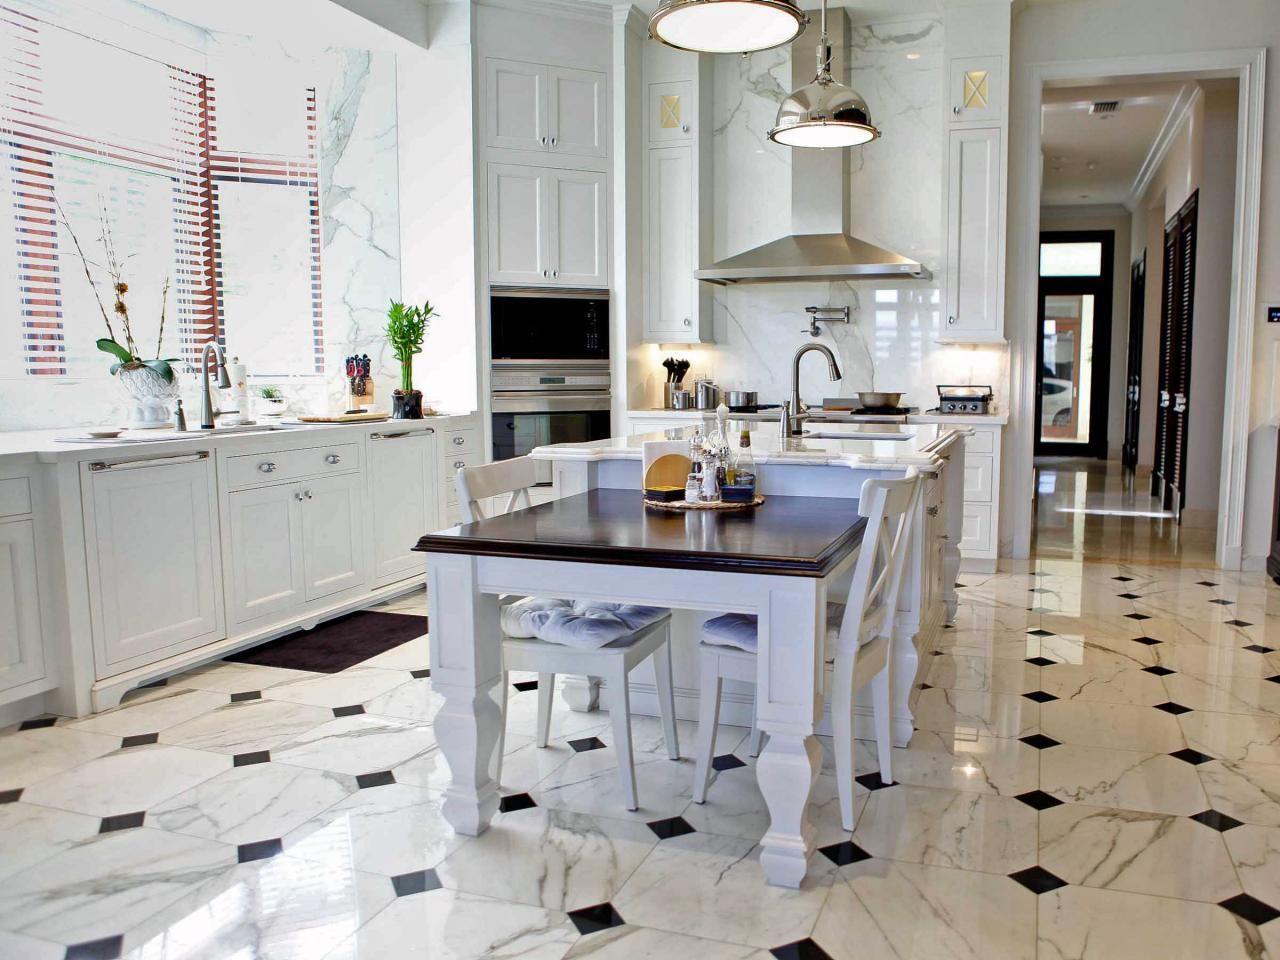 Cucina Bianca E Nera elegante cucina di transizione con marmo bianco e nero